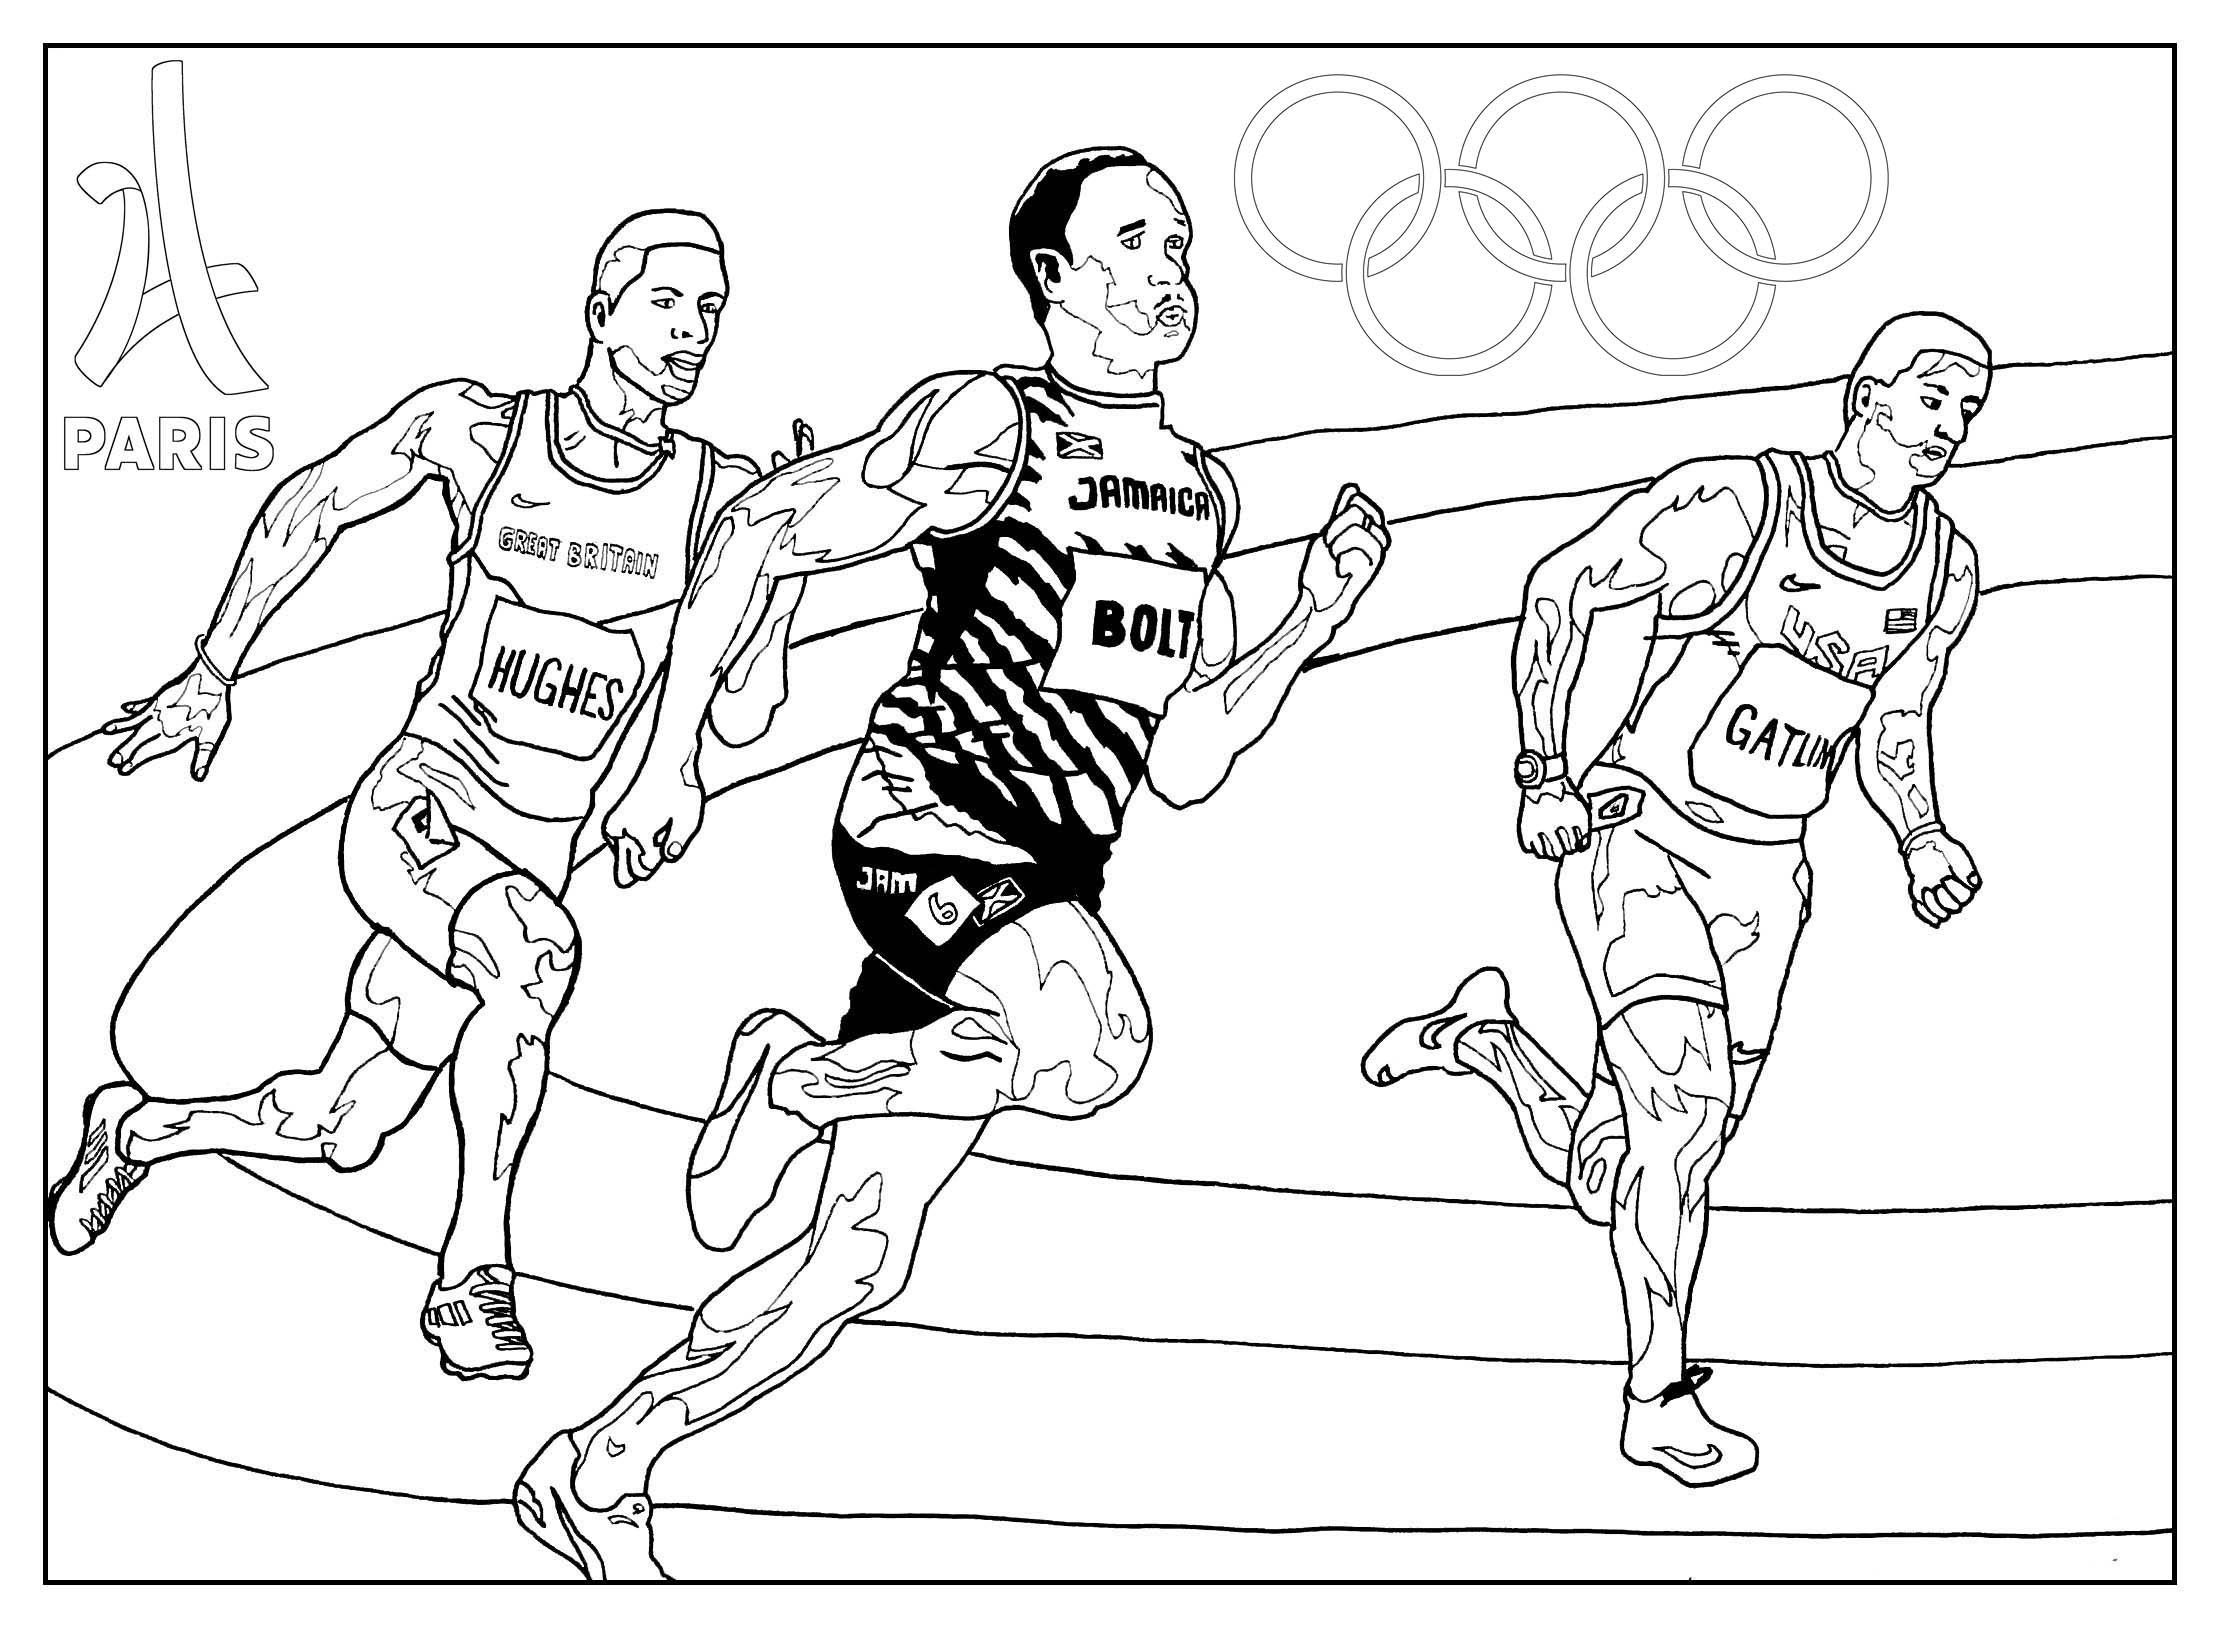 Disegni da colorare per adulti : Sport / Olimpiadi - 9